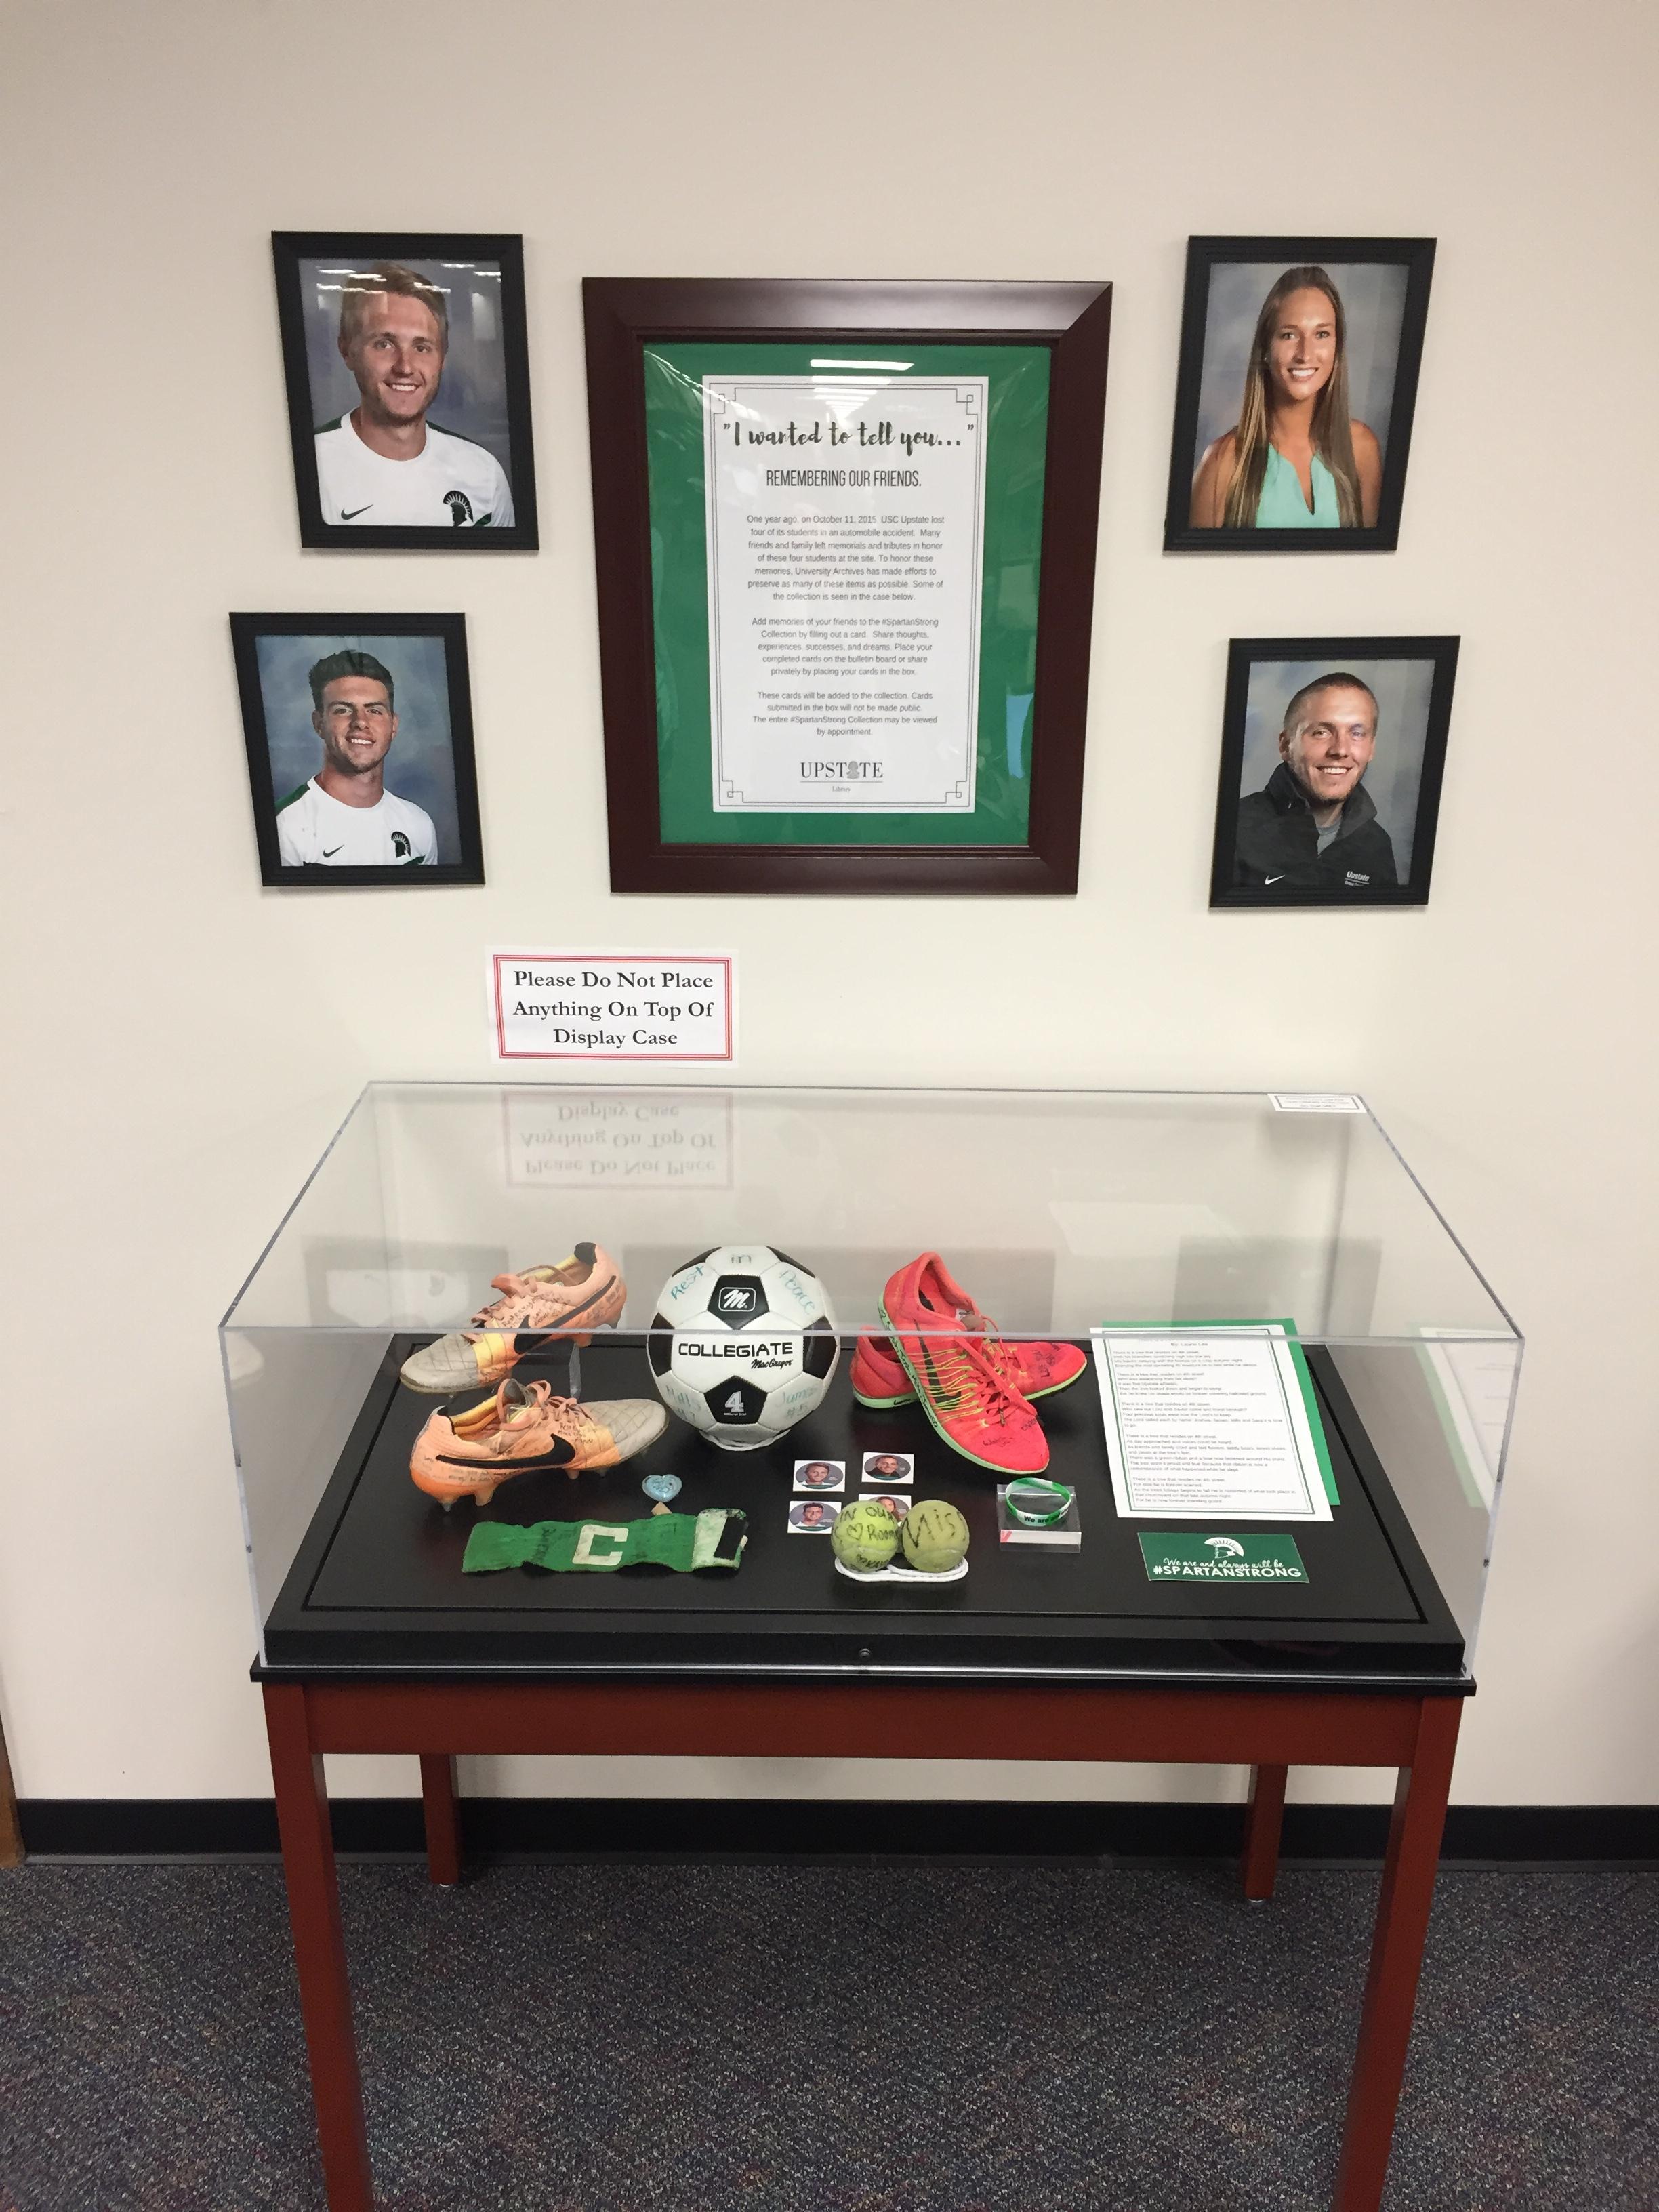 Exhibit case containing memorial items left at accident site.